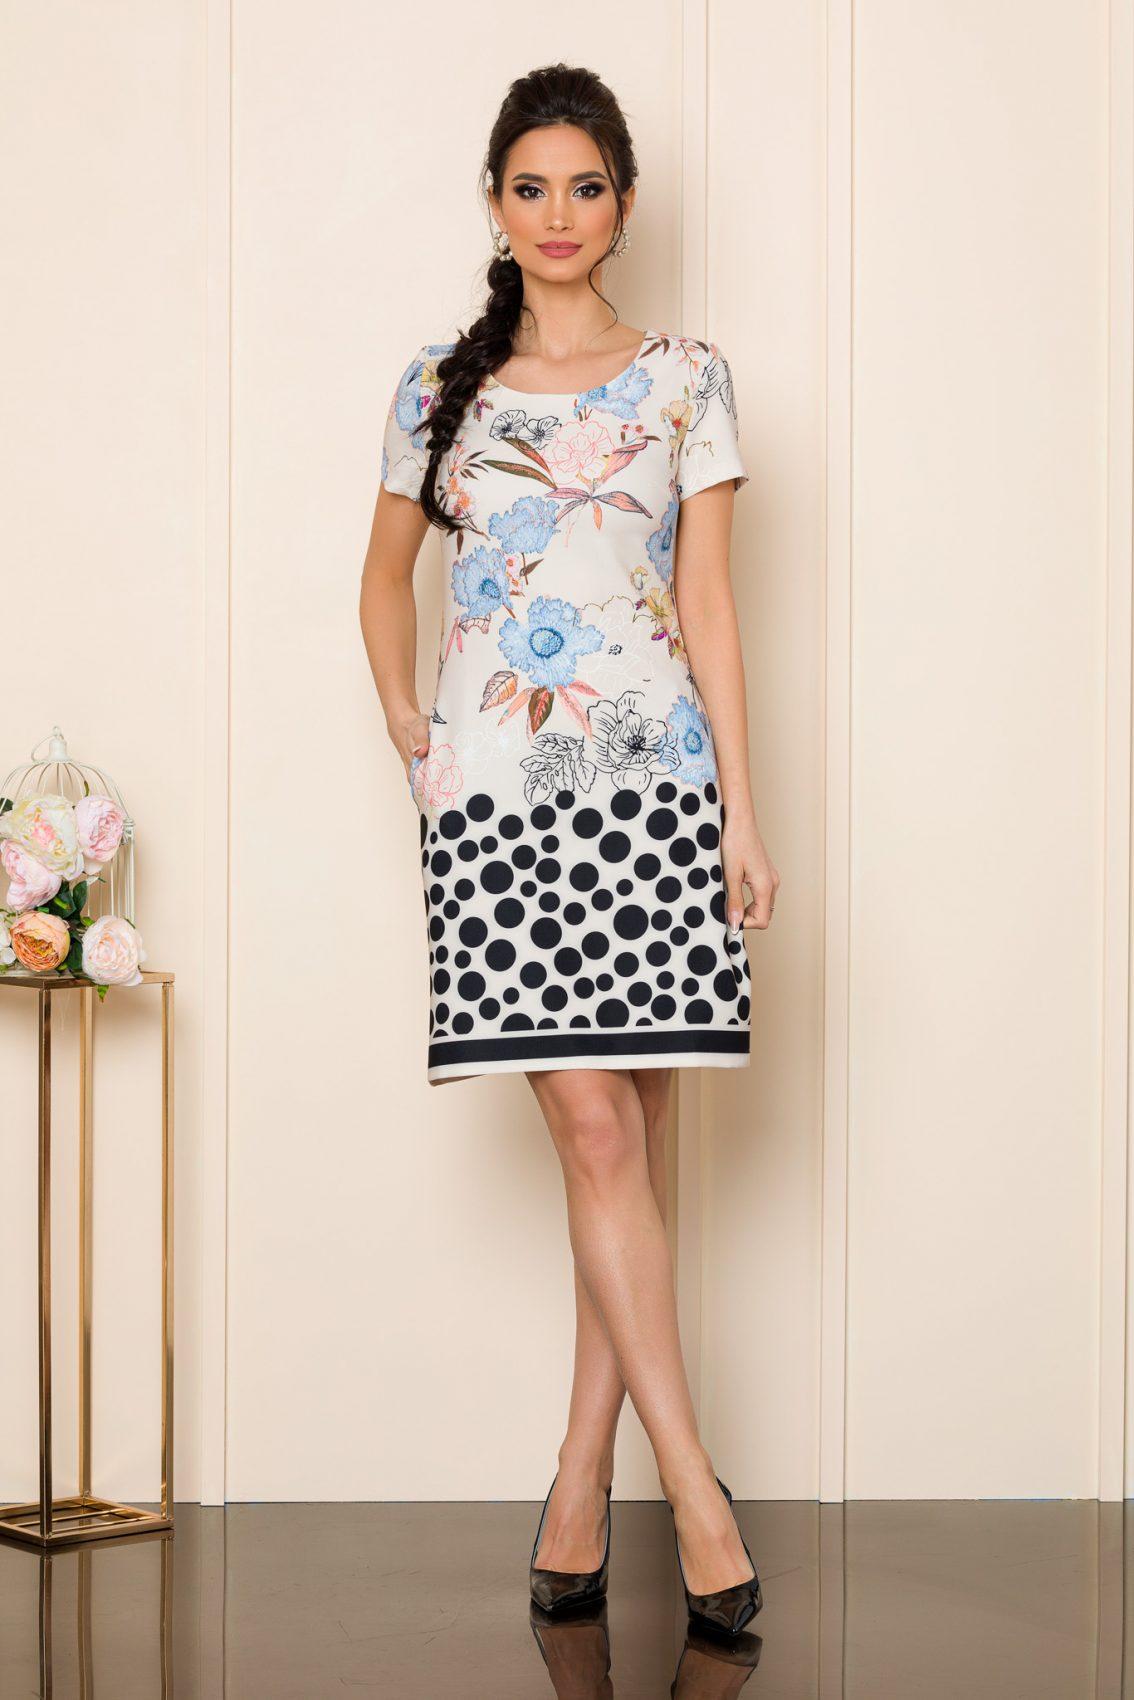 Φόρεμα Ιβουάρ Με Μπλε Λουλούδια Zoey 7543 1